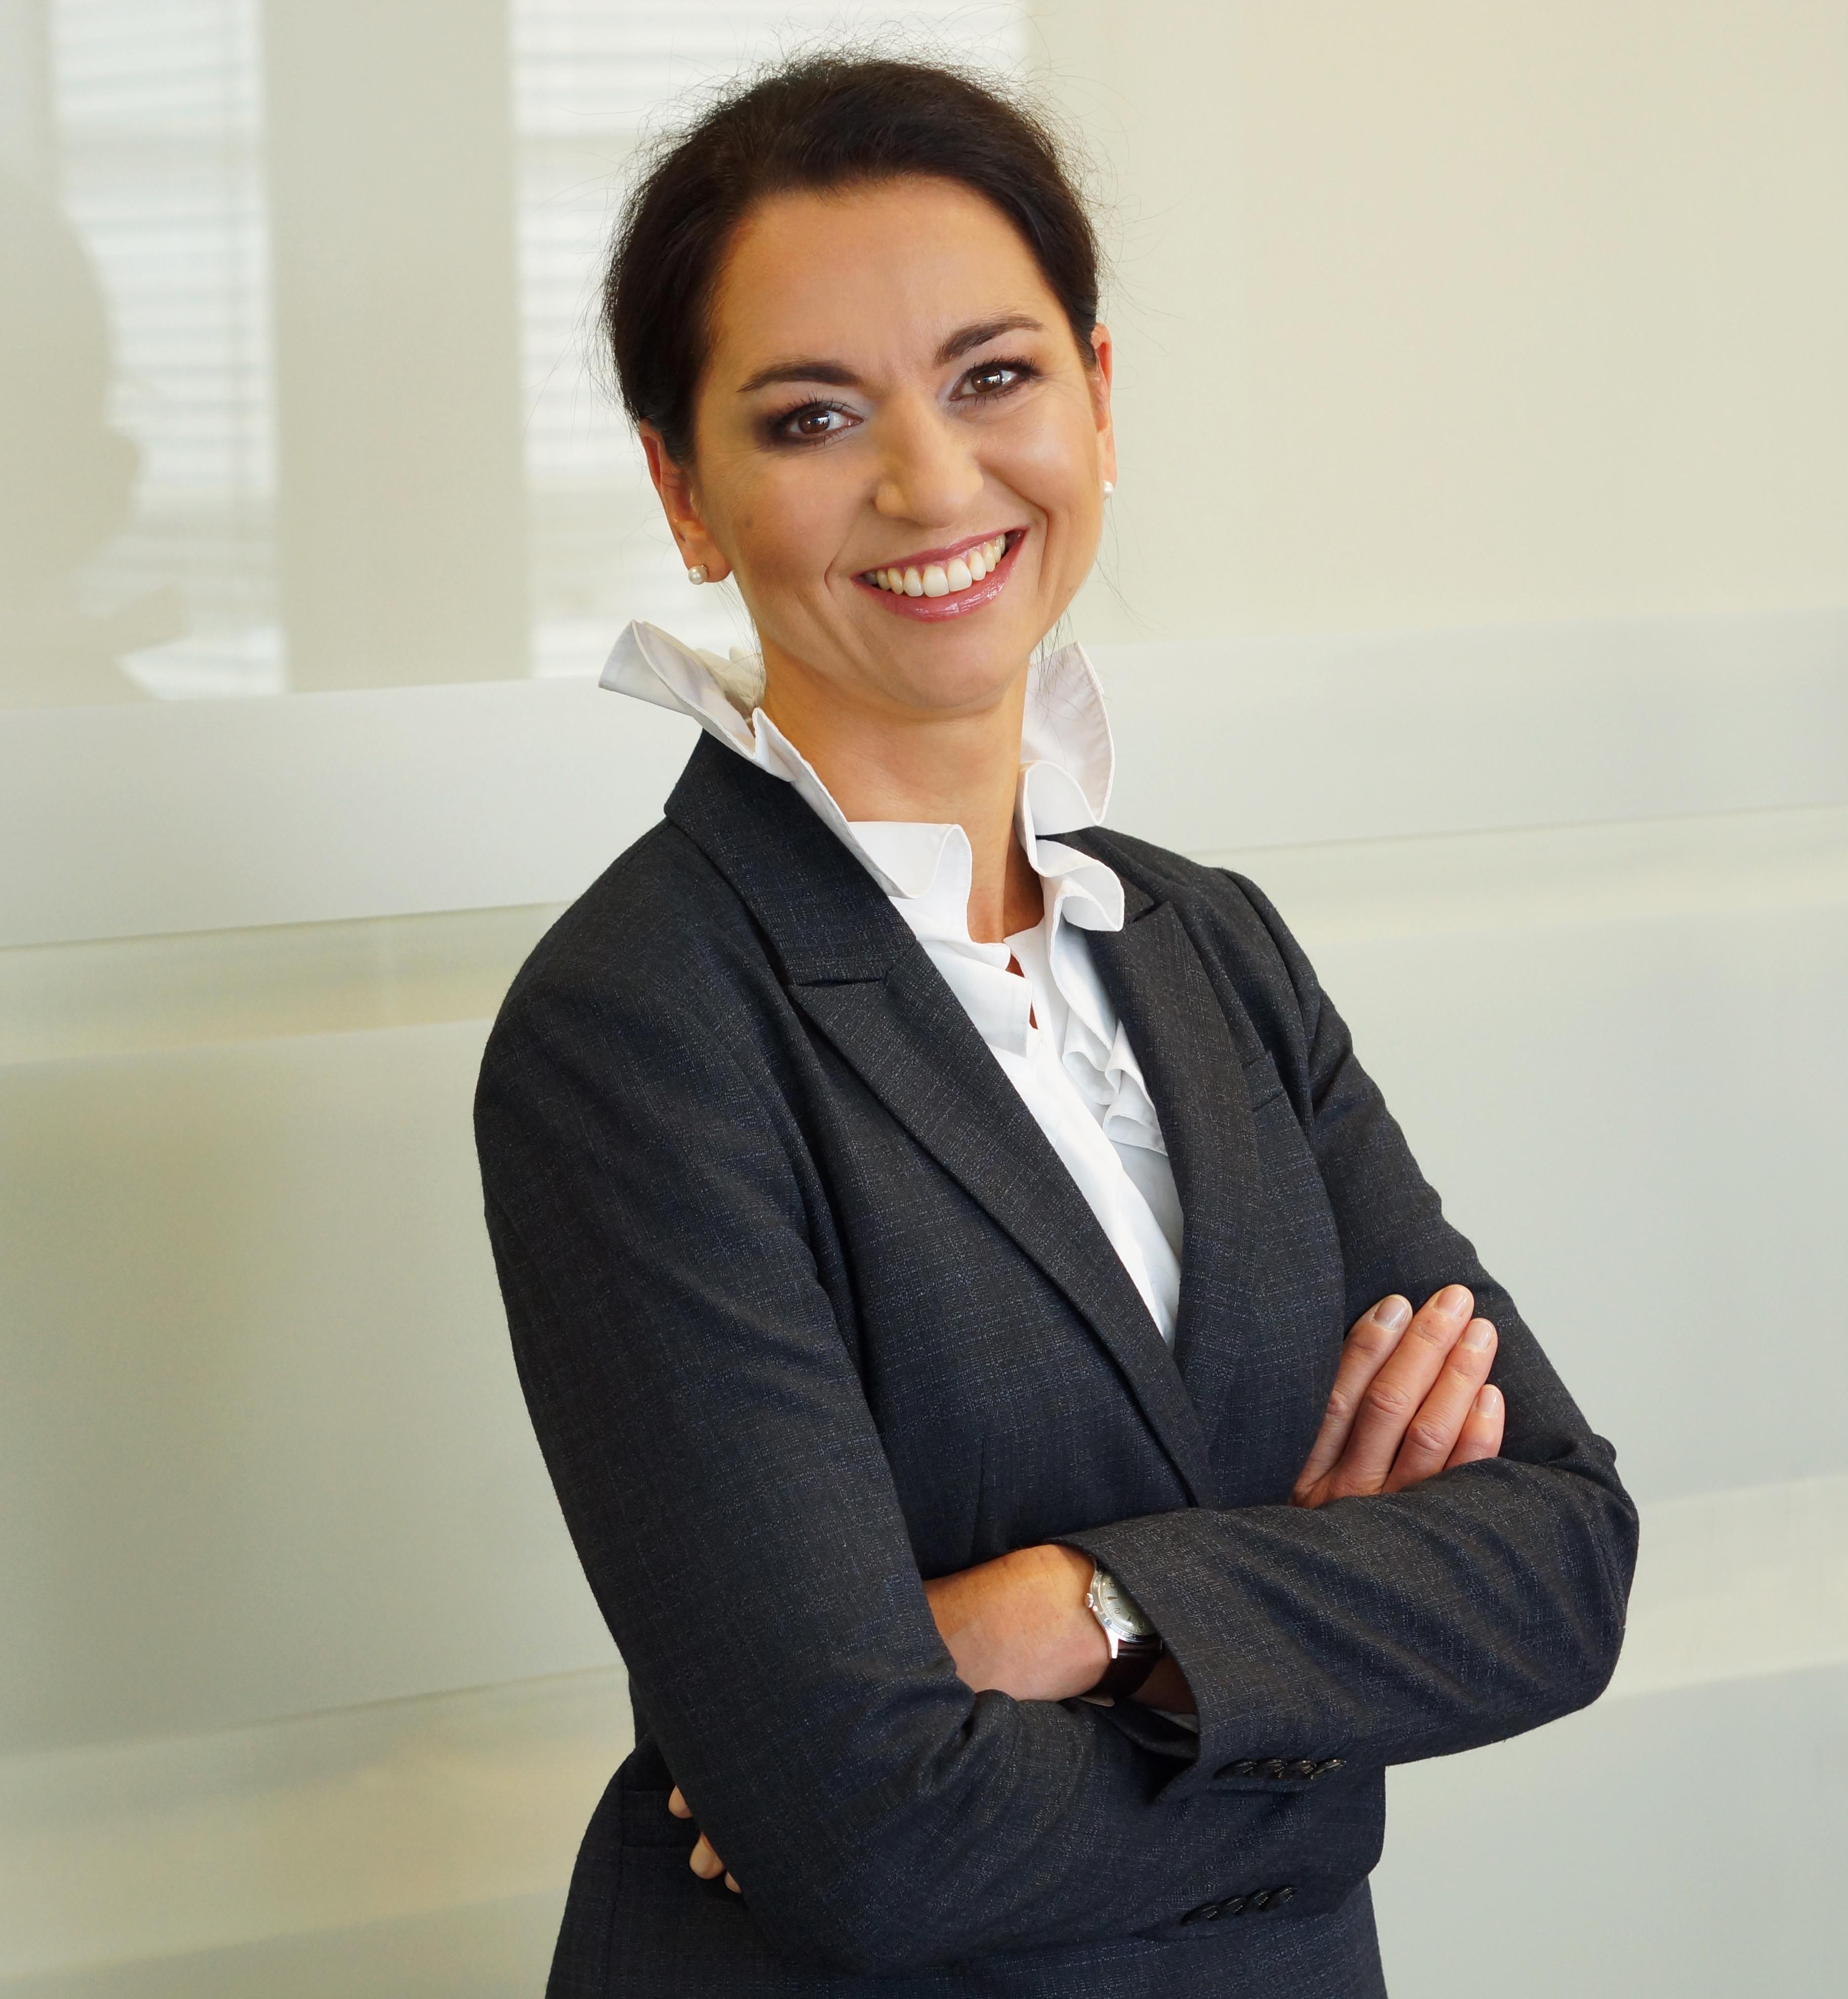 bozena-chmielarczyk-dyrektor-generalna-eniro-polska-2